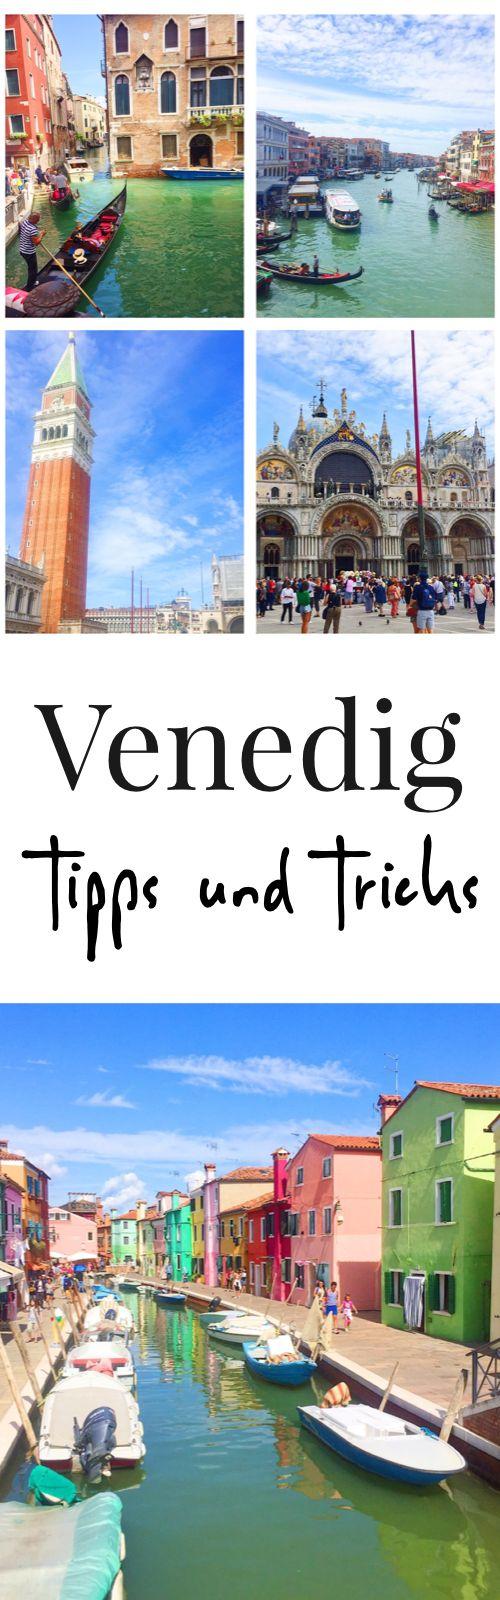 Reisetipps für Venedig in Italien. Das müsst Ihr bei einer Reise nach Venedig beachten. Tipps, Tricks und Sehenswürdigkeiten für einen Urlaub in Italien. Reisetagebuch mit tollen Bildern.